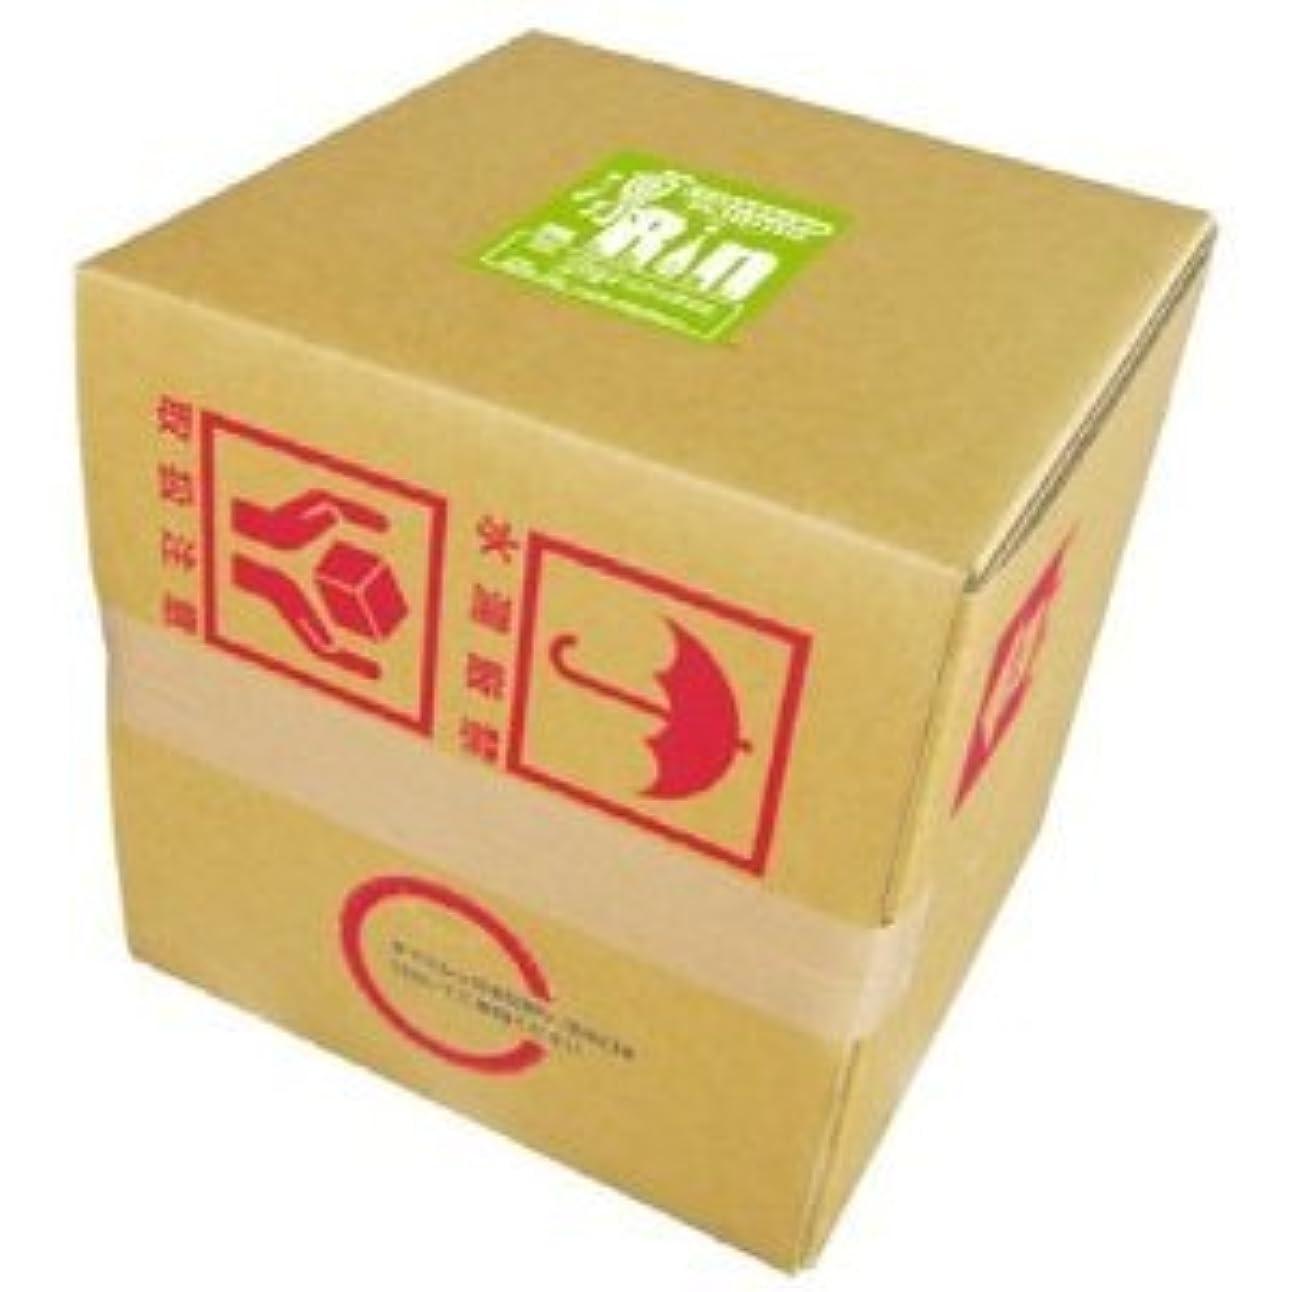 活性化旋回放棄くさの葉化粧品 ボディソープ 凛 20リットル 箱